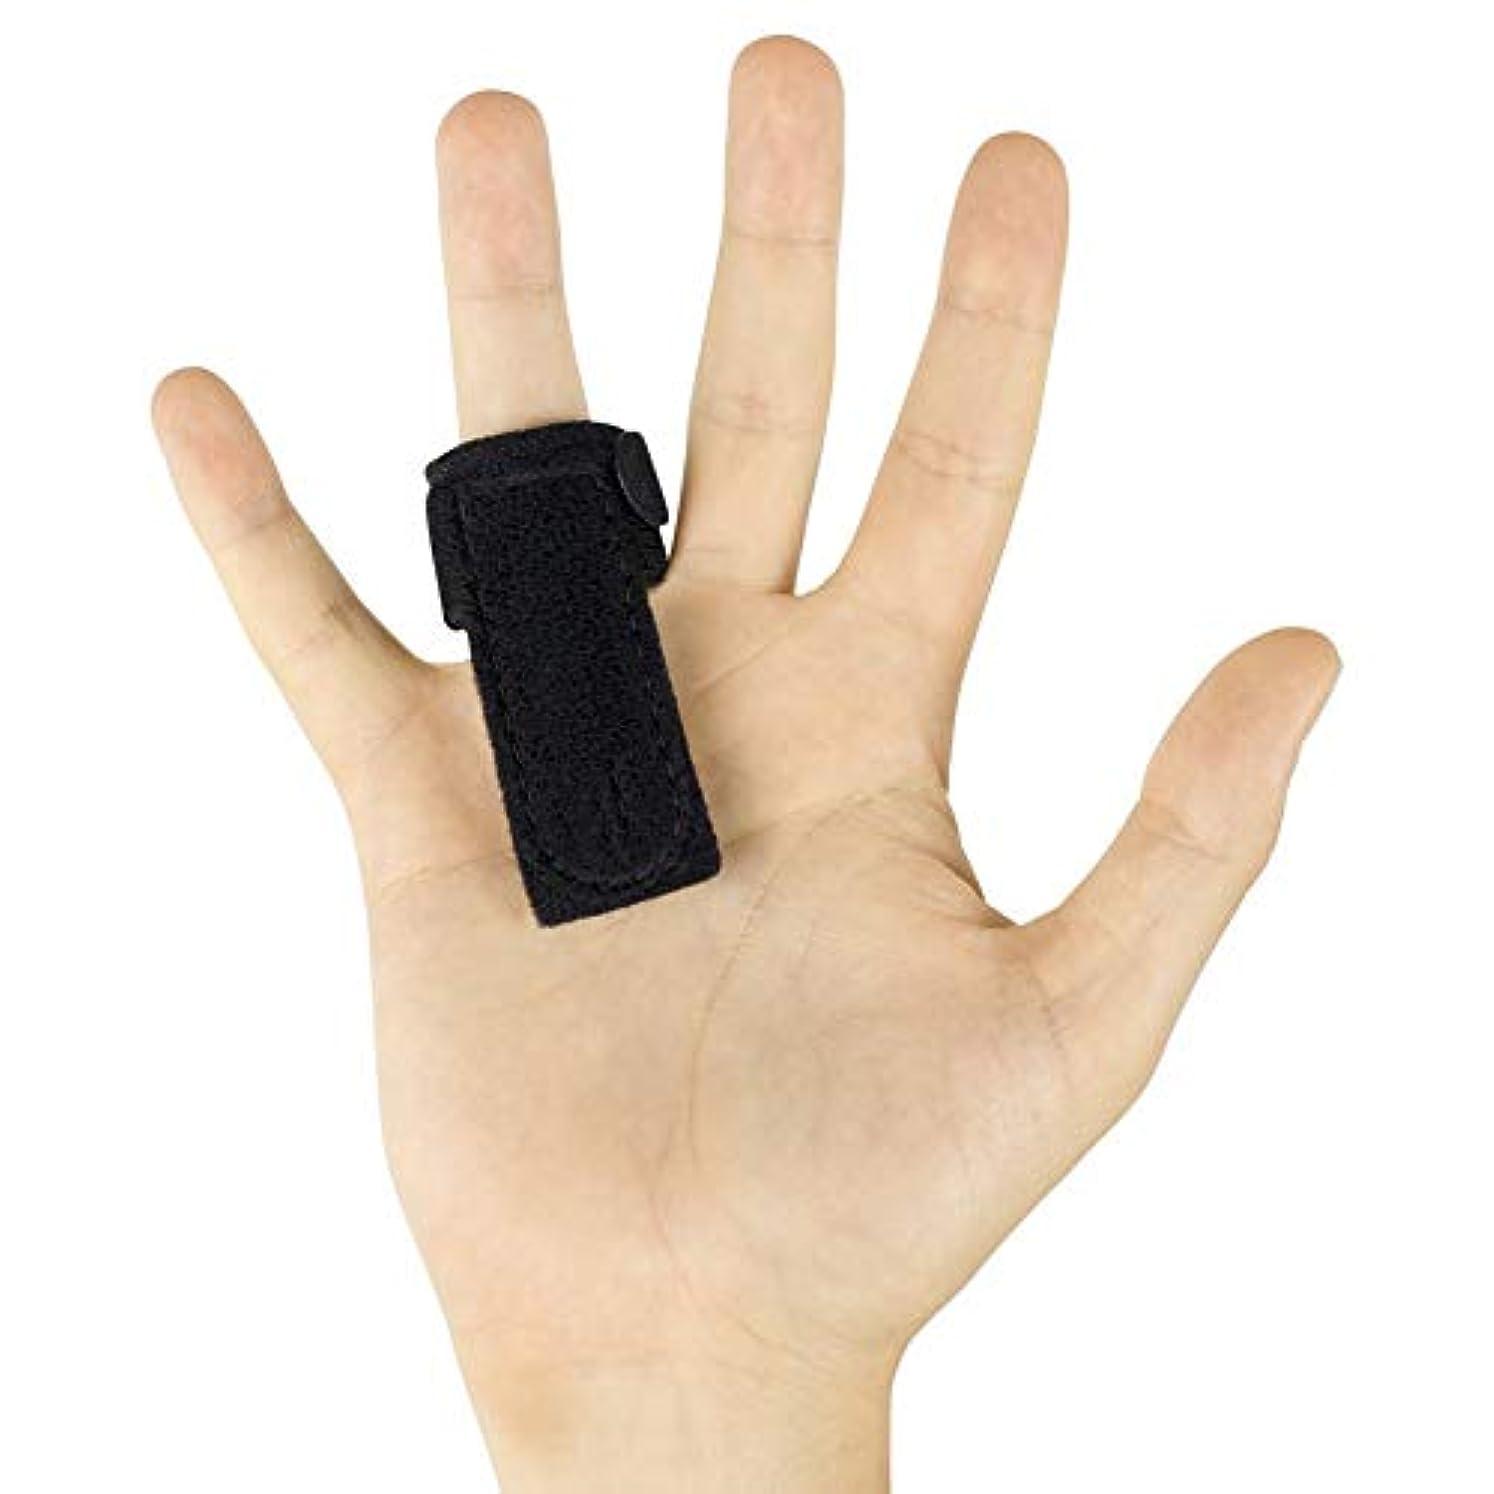 故意にいらいらさせるバッジ指の袖をサポートするためのばね指スプリント、内蔵アルミサポートトリガー、矯正関節炎マレットフィンガーナックルブレース指関節炎、指の骨折、腱リリース&痛みを軽減-Gift